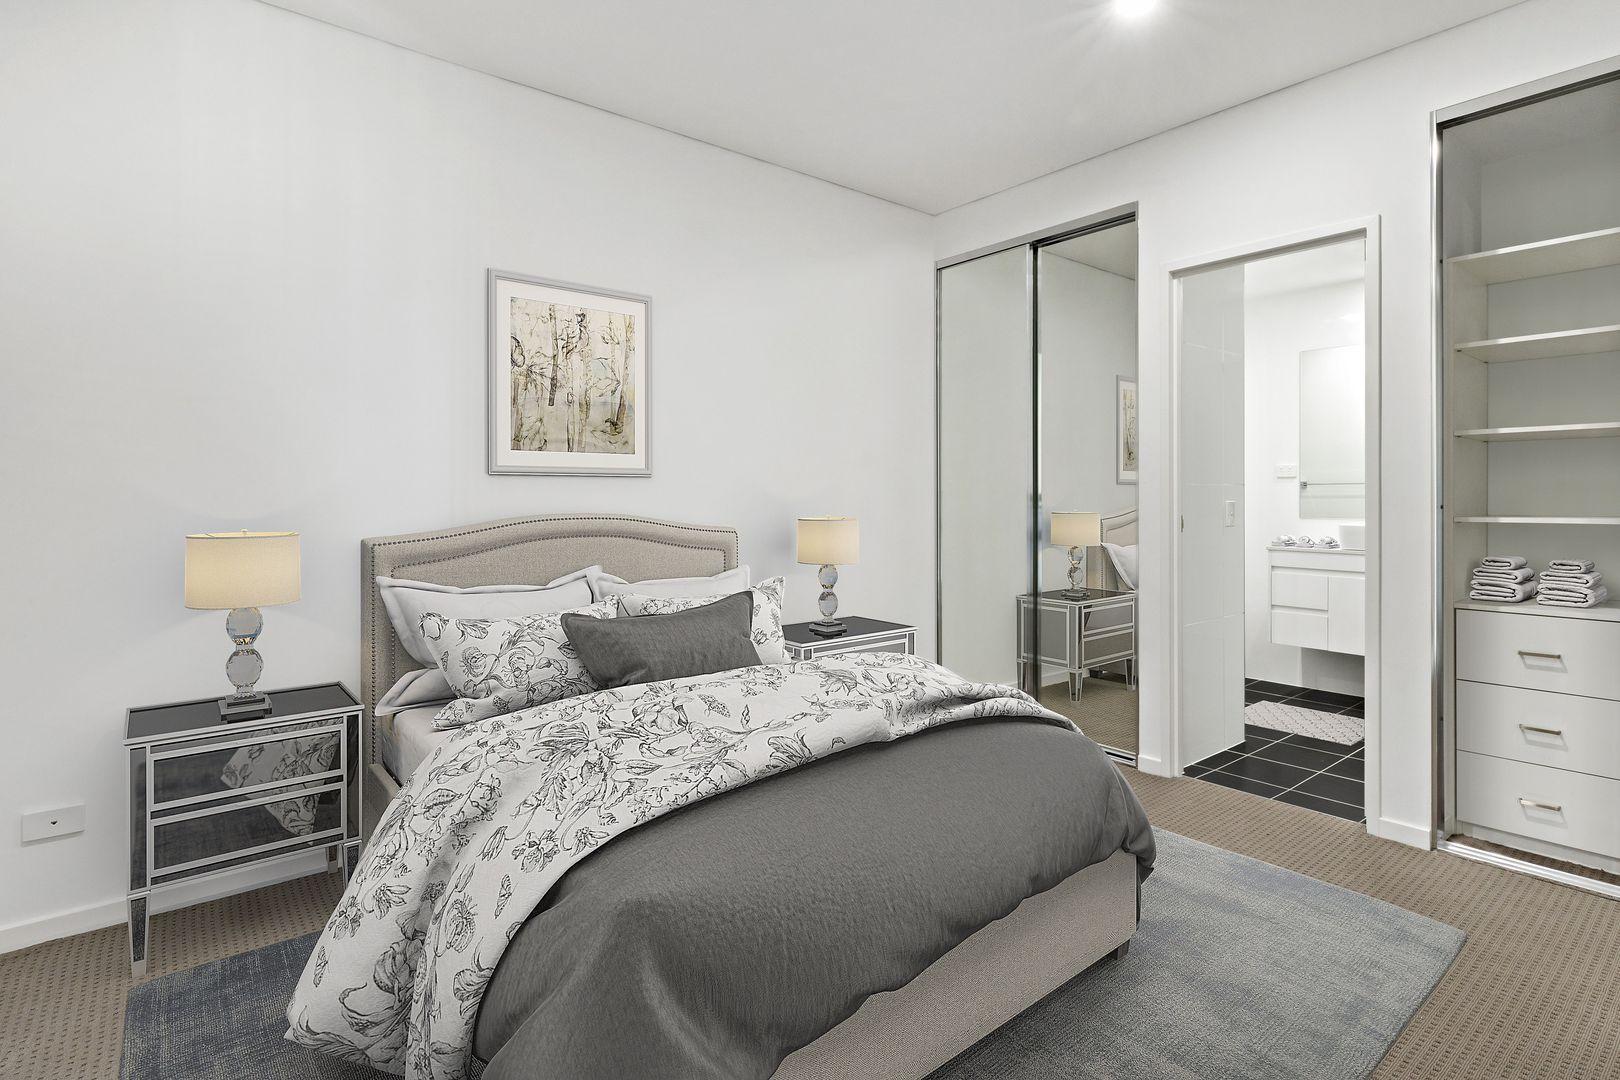 202/6-10 Beatson Street, Wollongong NSW 2500, Image 2